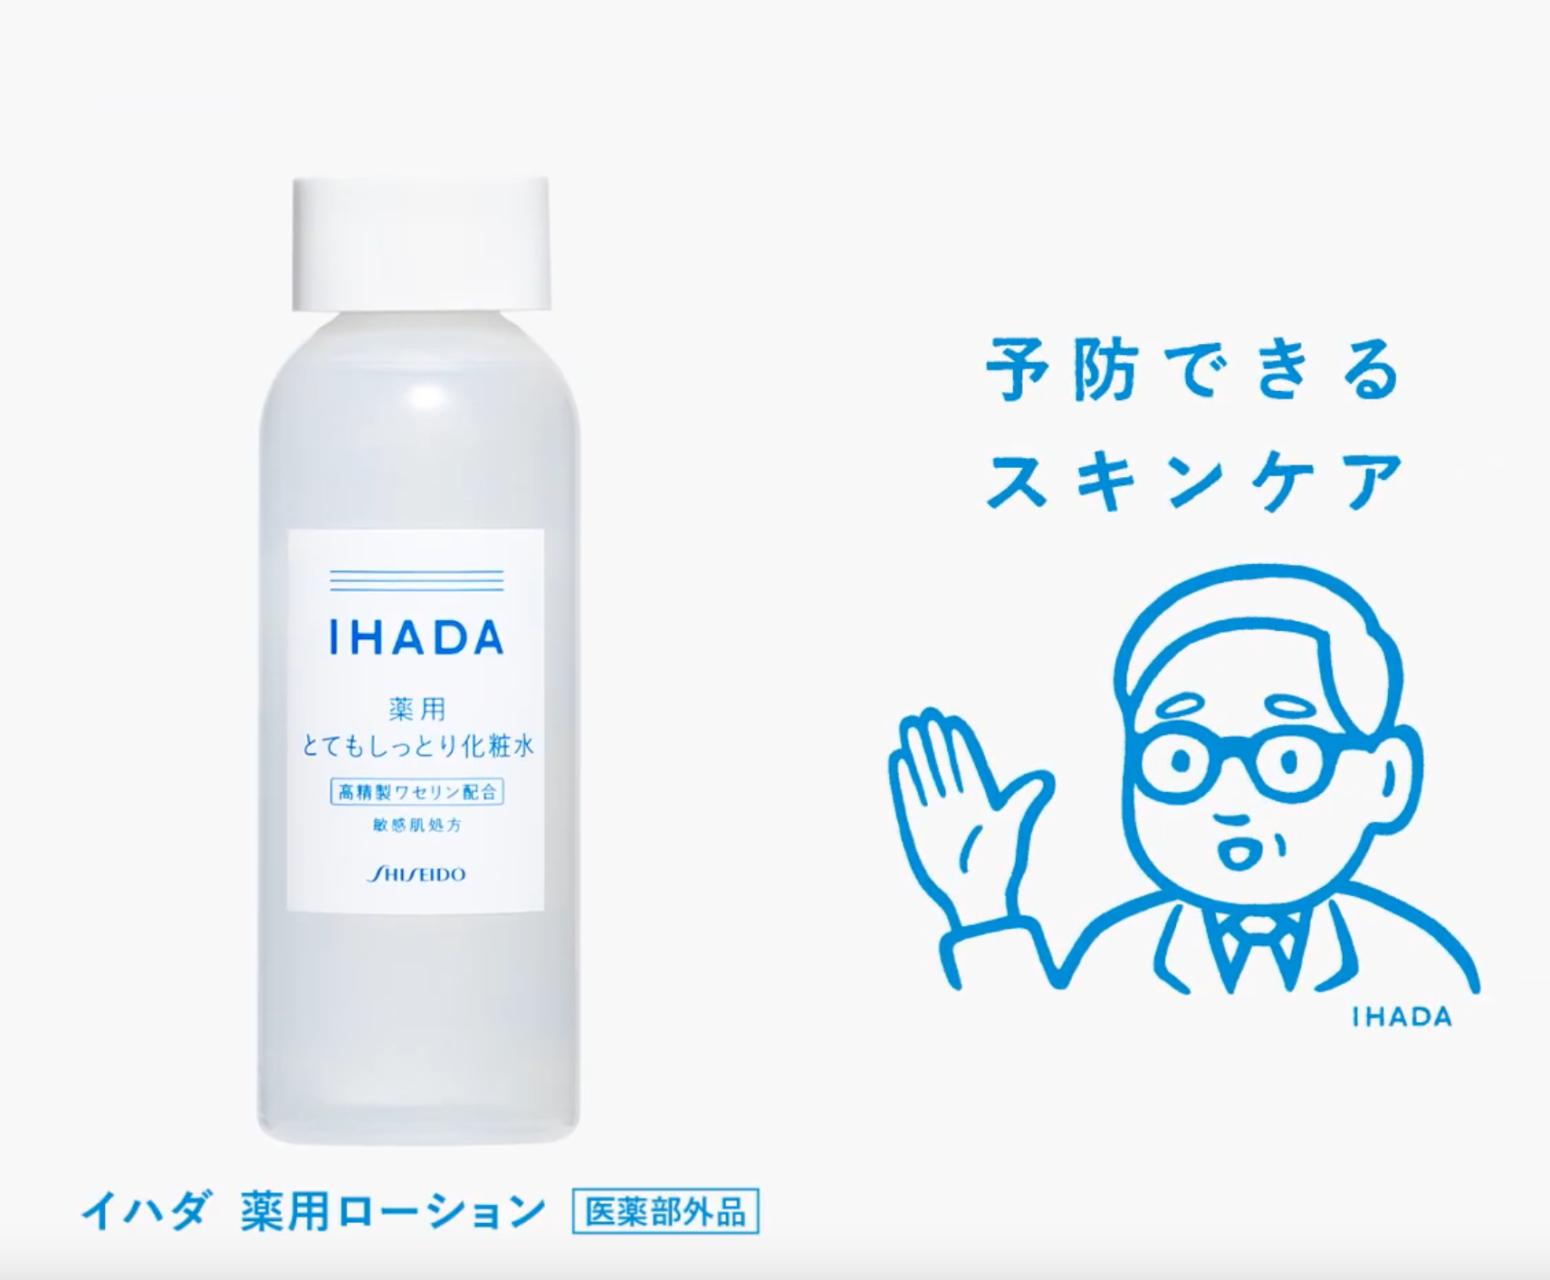 資生堂 IHADA テレビCM プロダクト写真